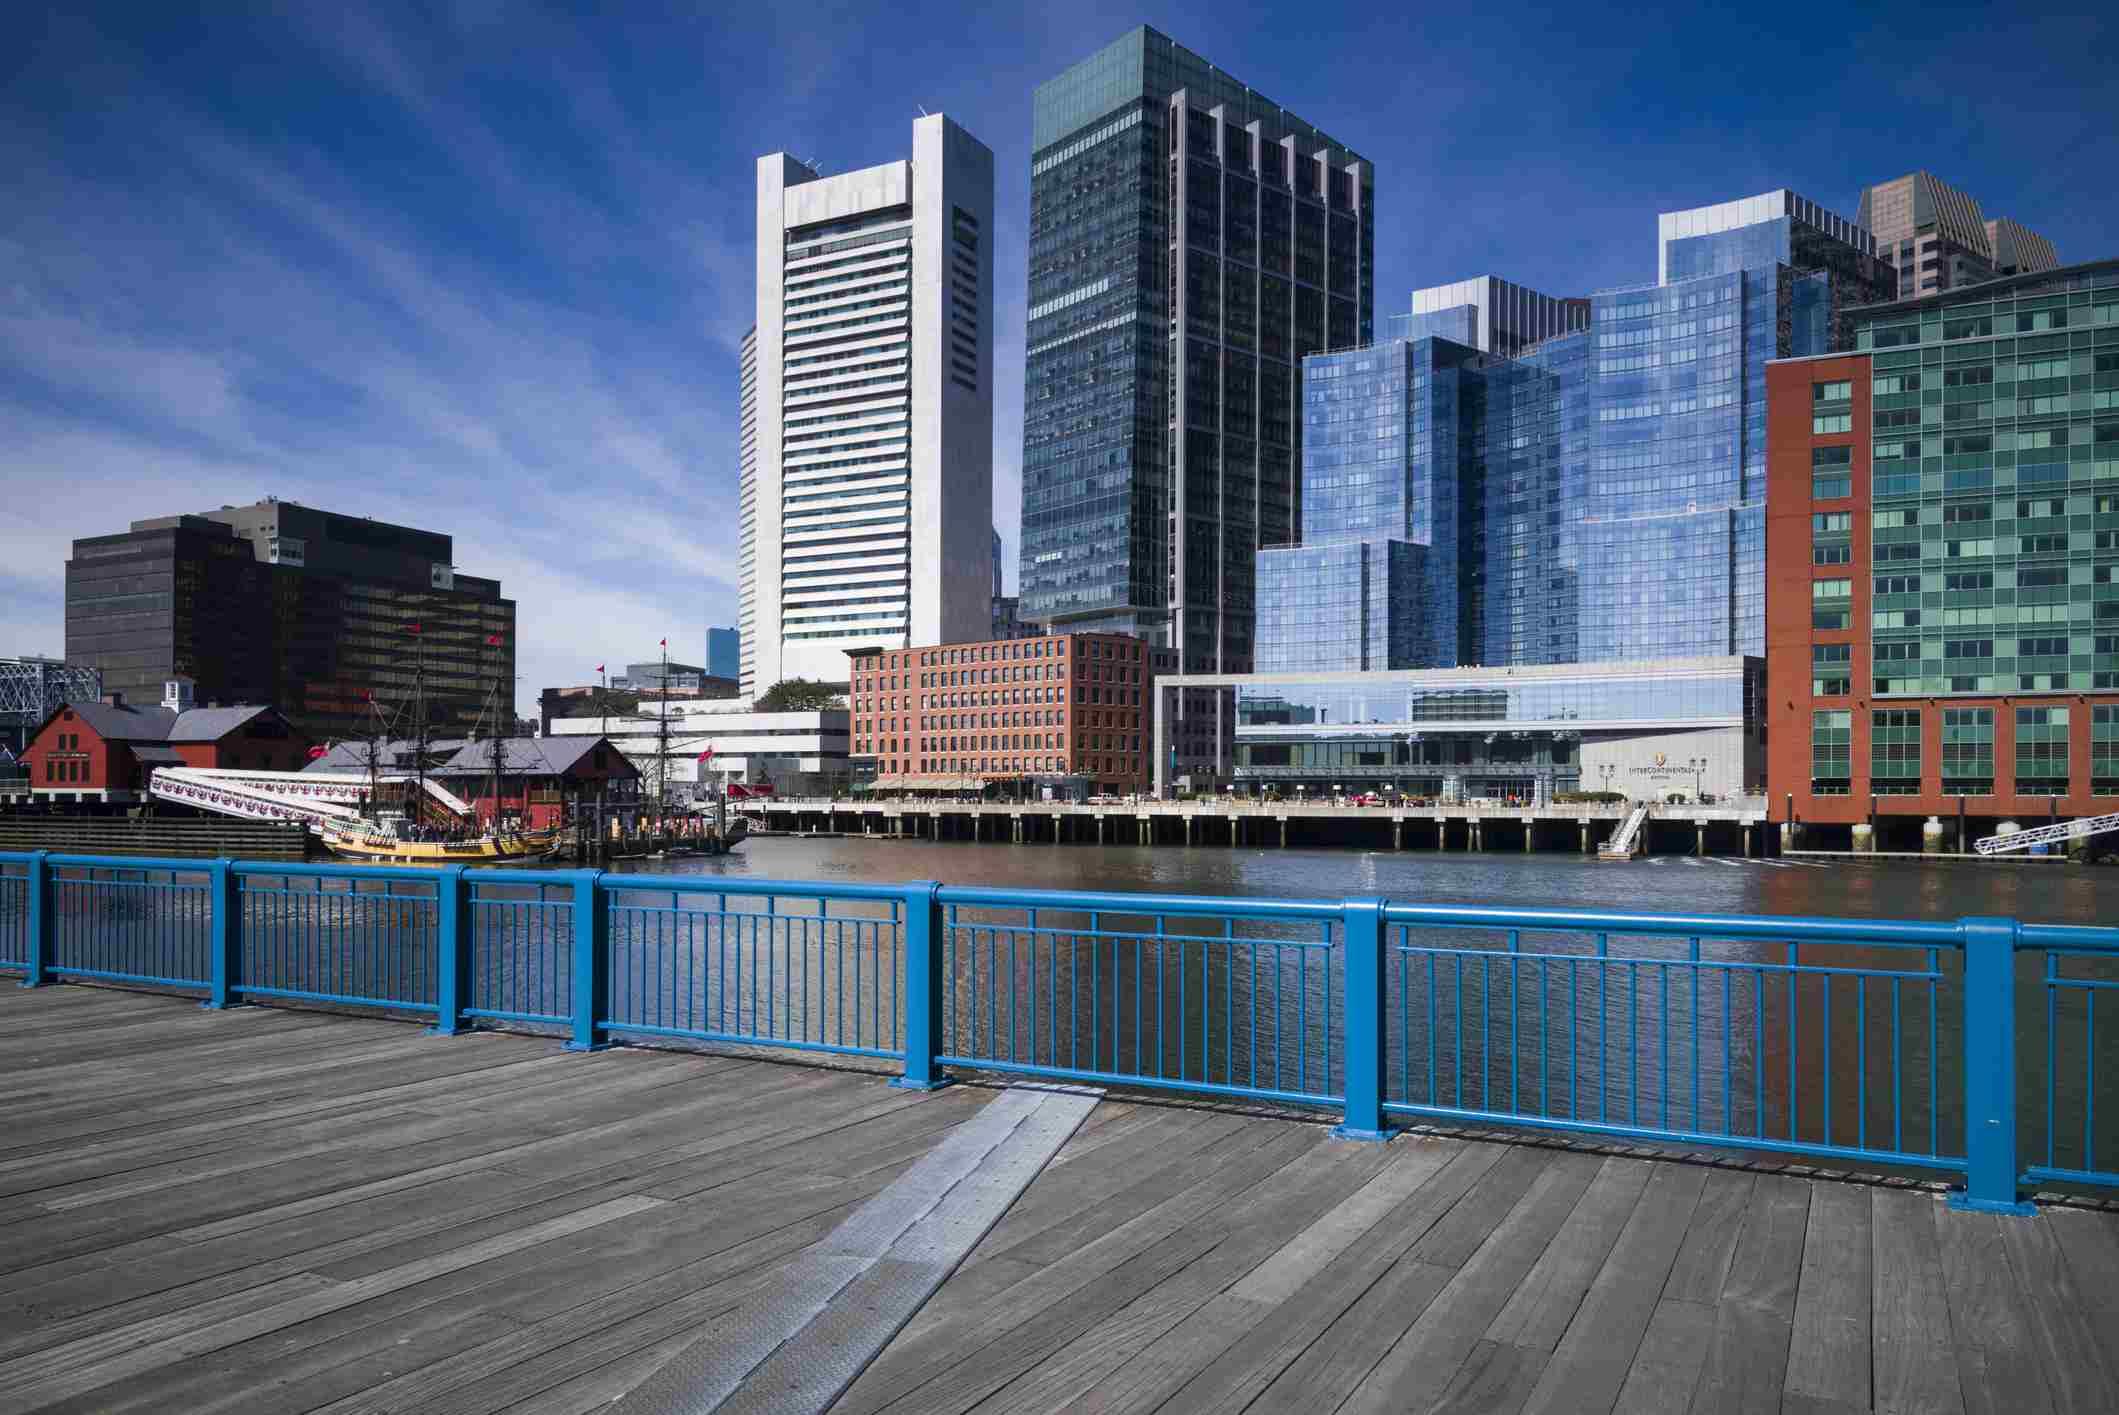 Anzeigen, wenn Boston Intercontinental Hotel